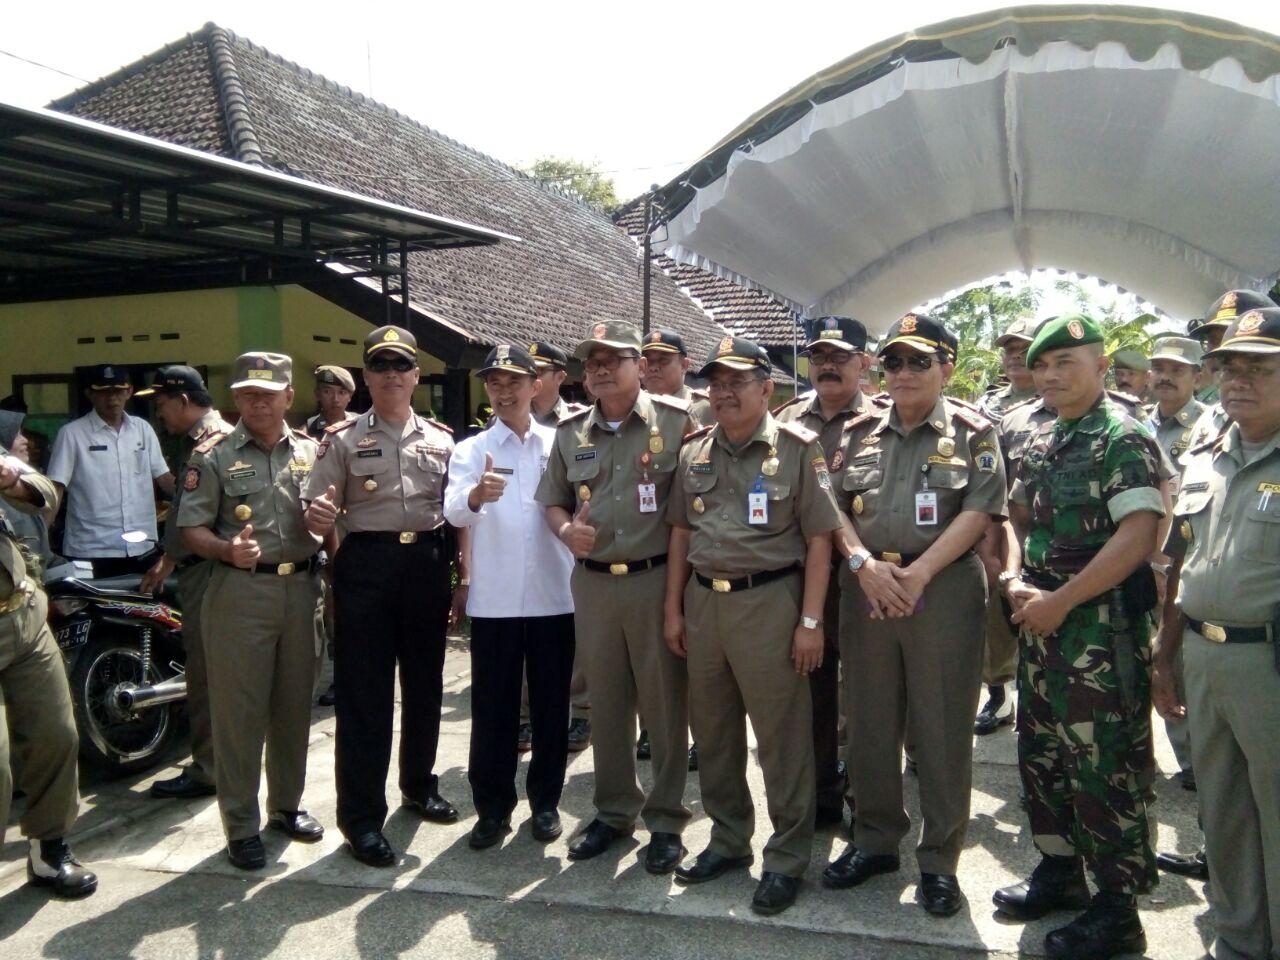 Kapolsek Ngantang Polres Batu Bersama Anggota Melaksanakan Pengamanan Pembukaan Jambore Ke XV di Taman Wisata Selorejo